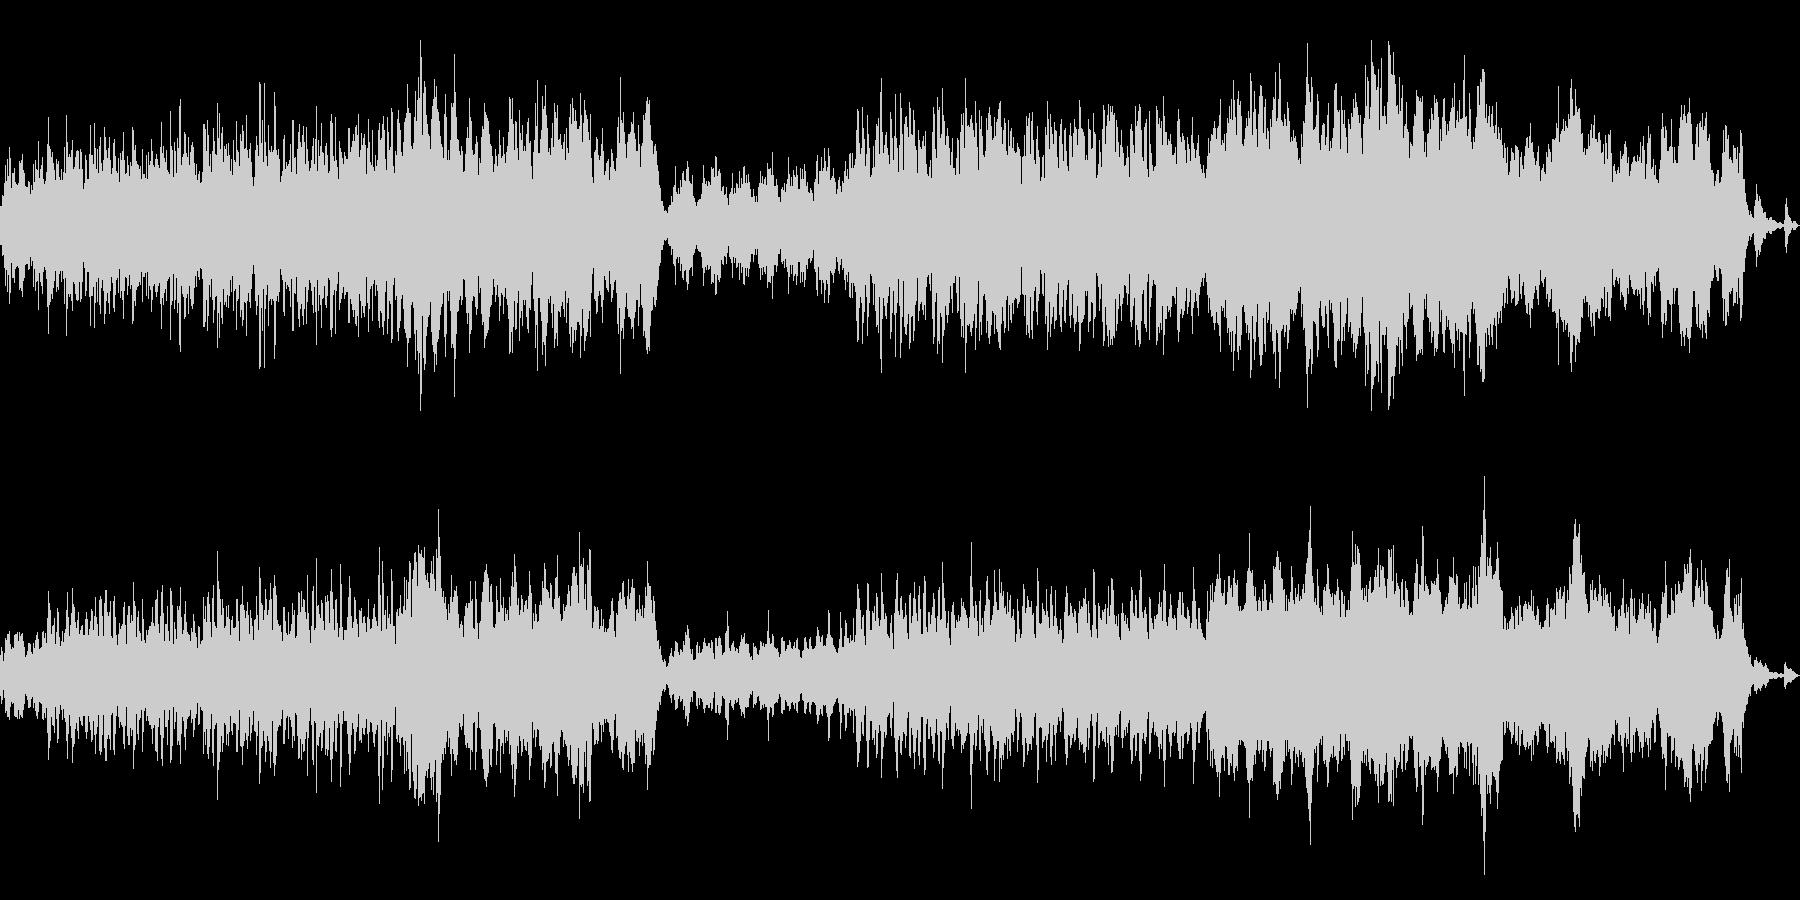 ハープとストリングスの幻想的な曲の未再生の波形